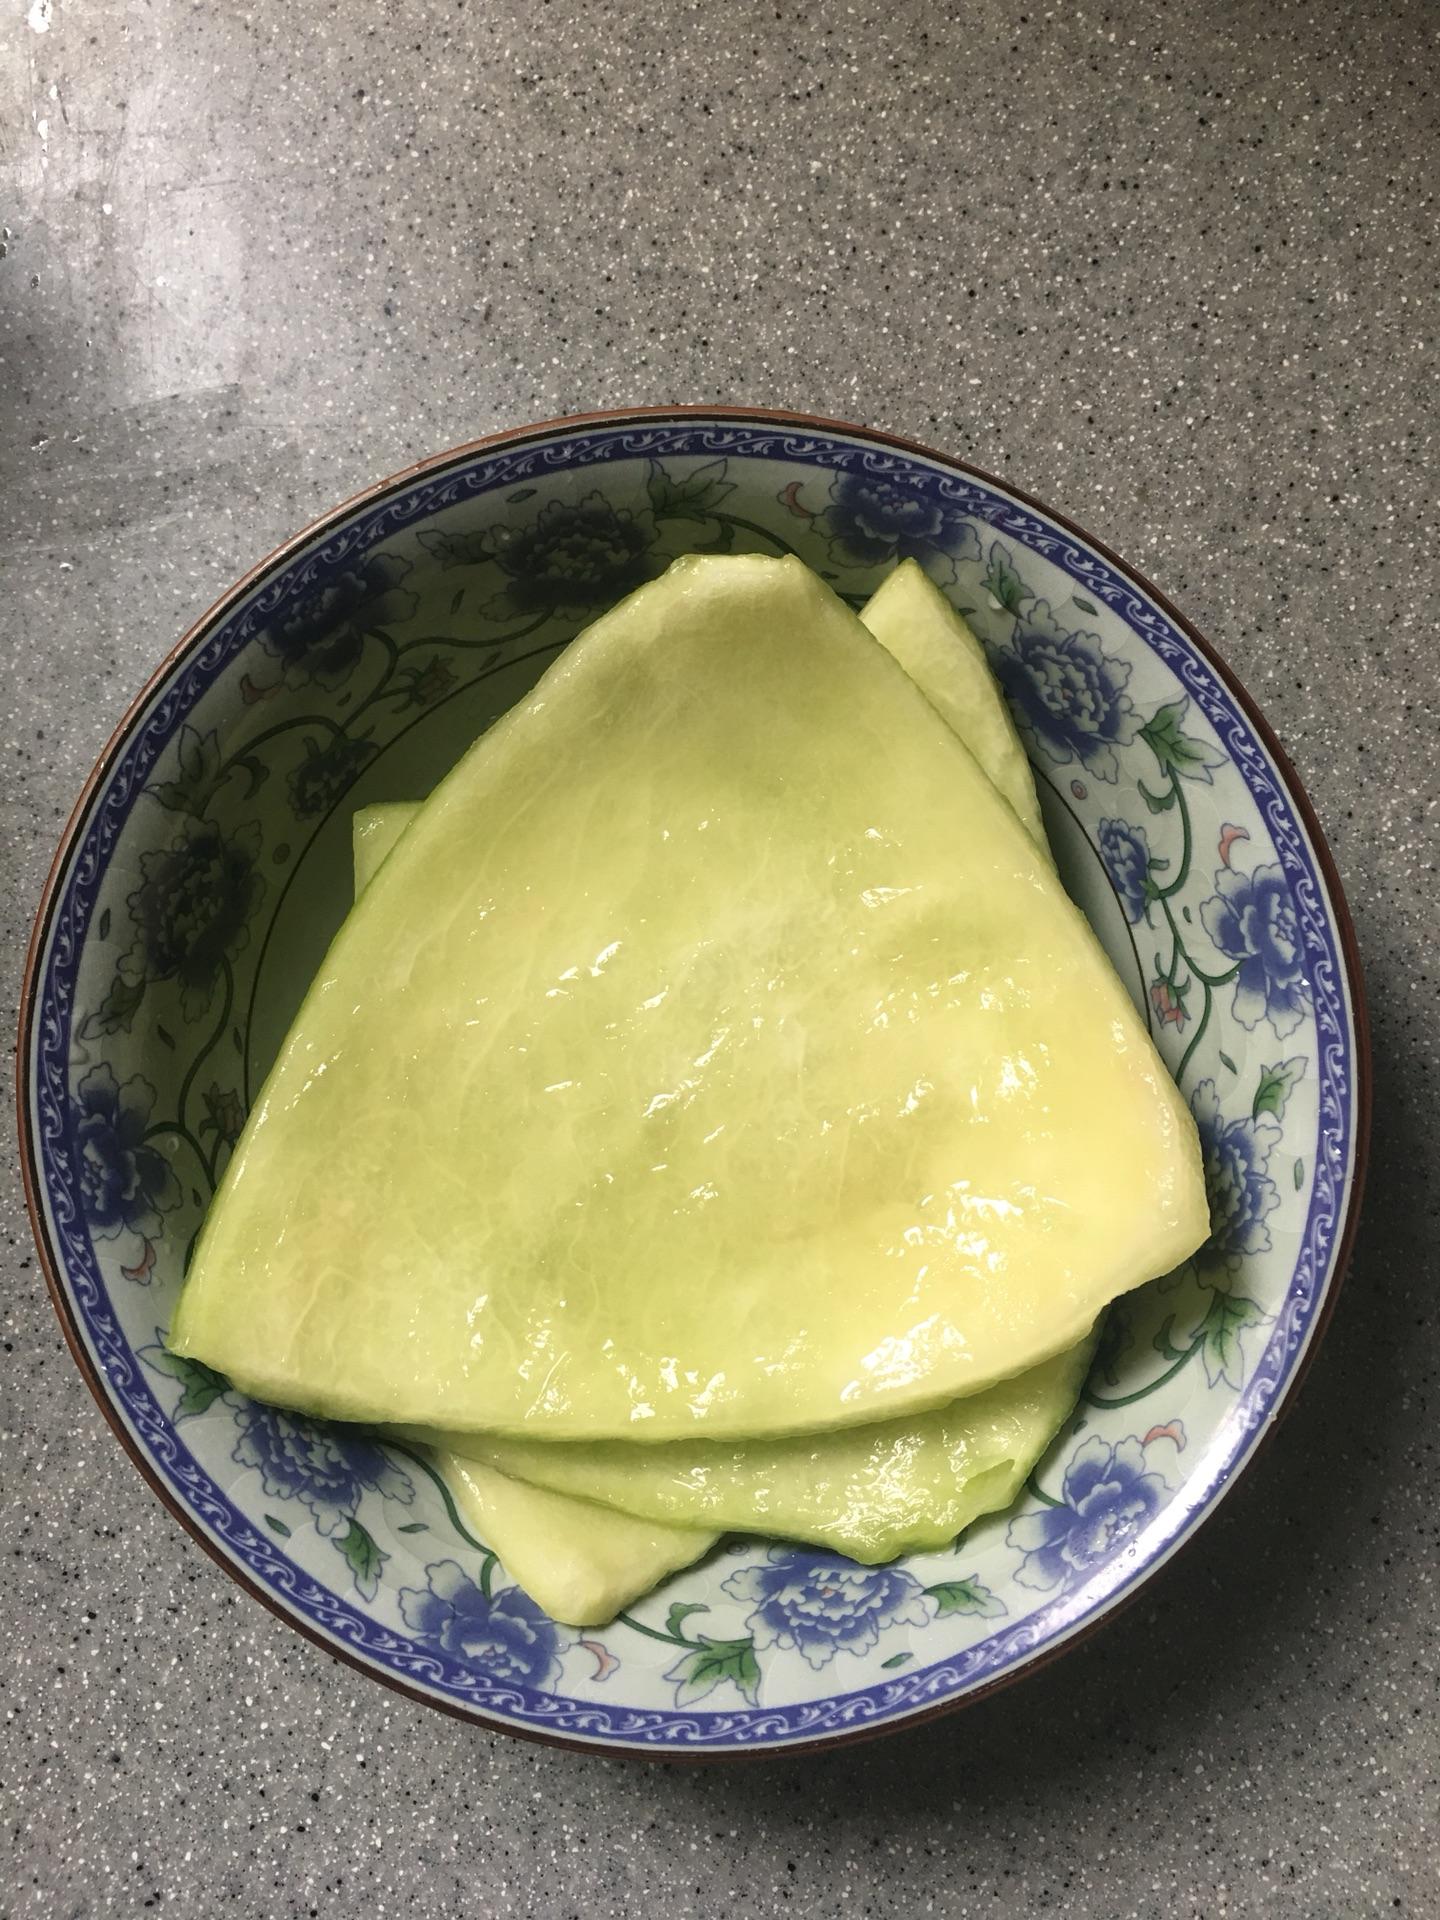 1/2西瓜去囊,去皮后切块洗净,抹盐腌制半小时左右.